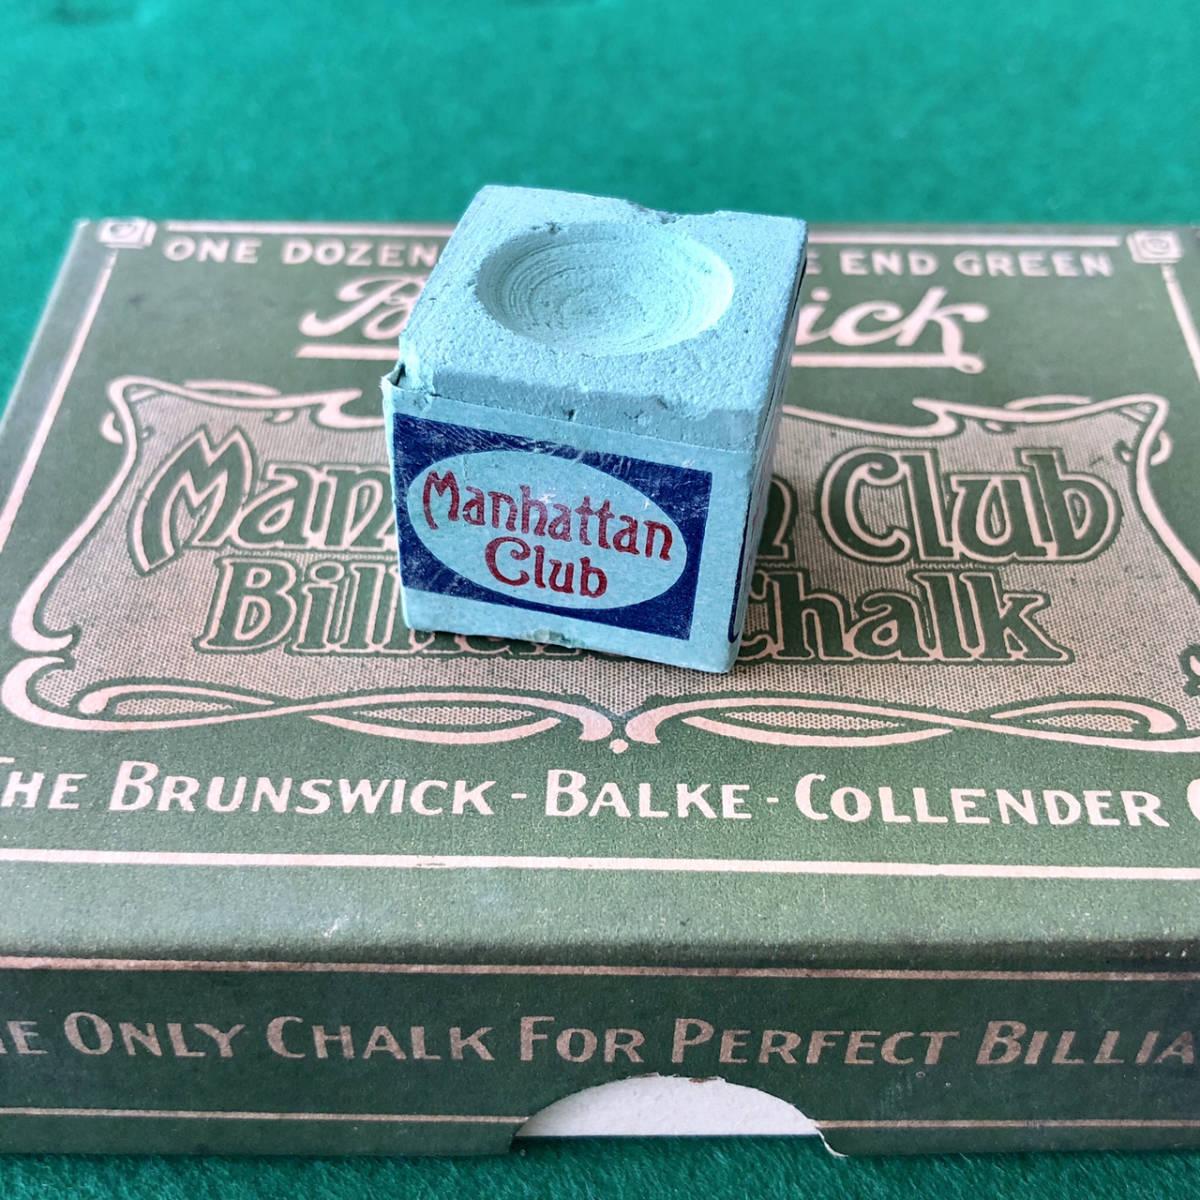 ビリヤード チョーク ブランズウィック マンハッタンクラブ 緑 1箱(12個) 箱付き アンティーク